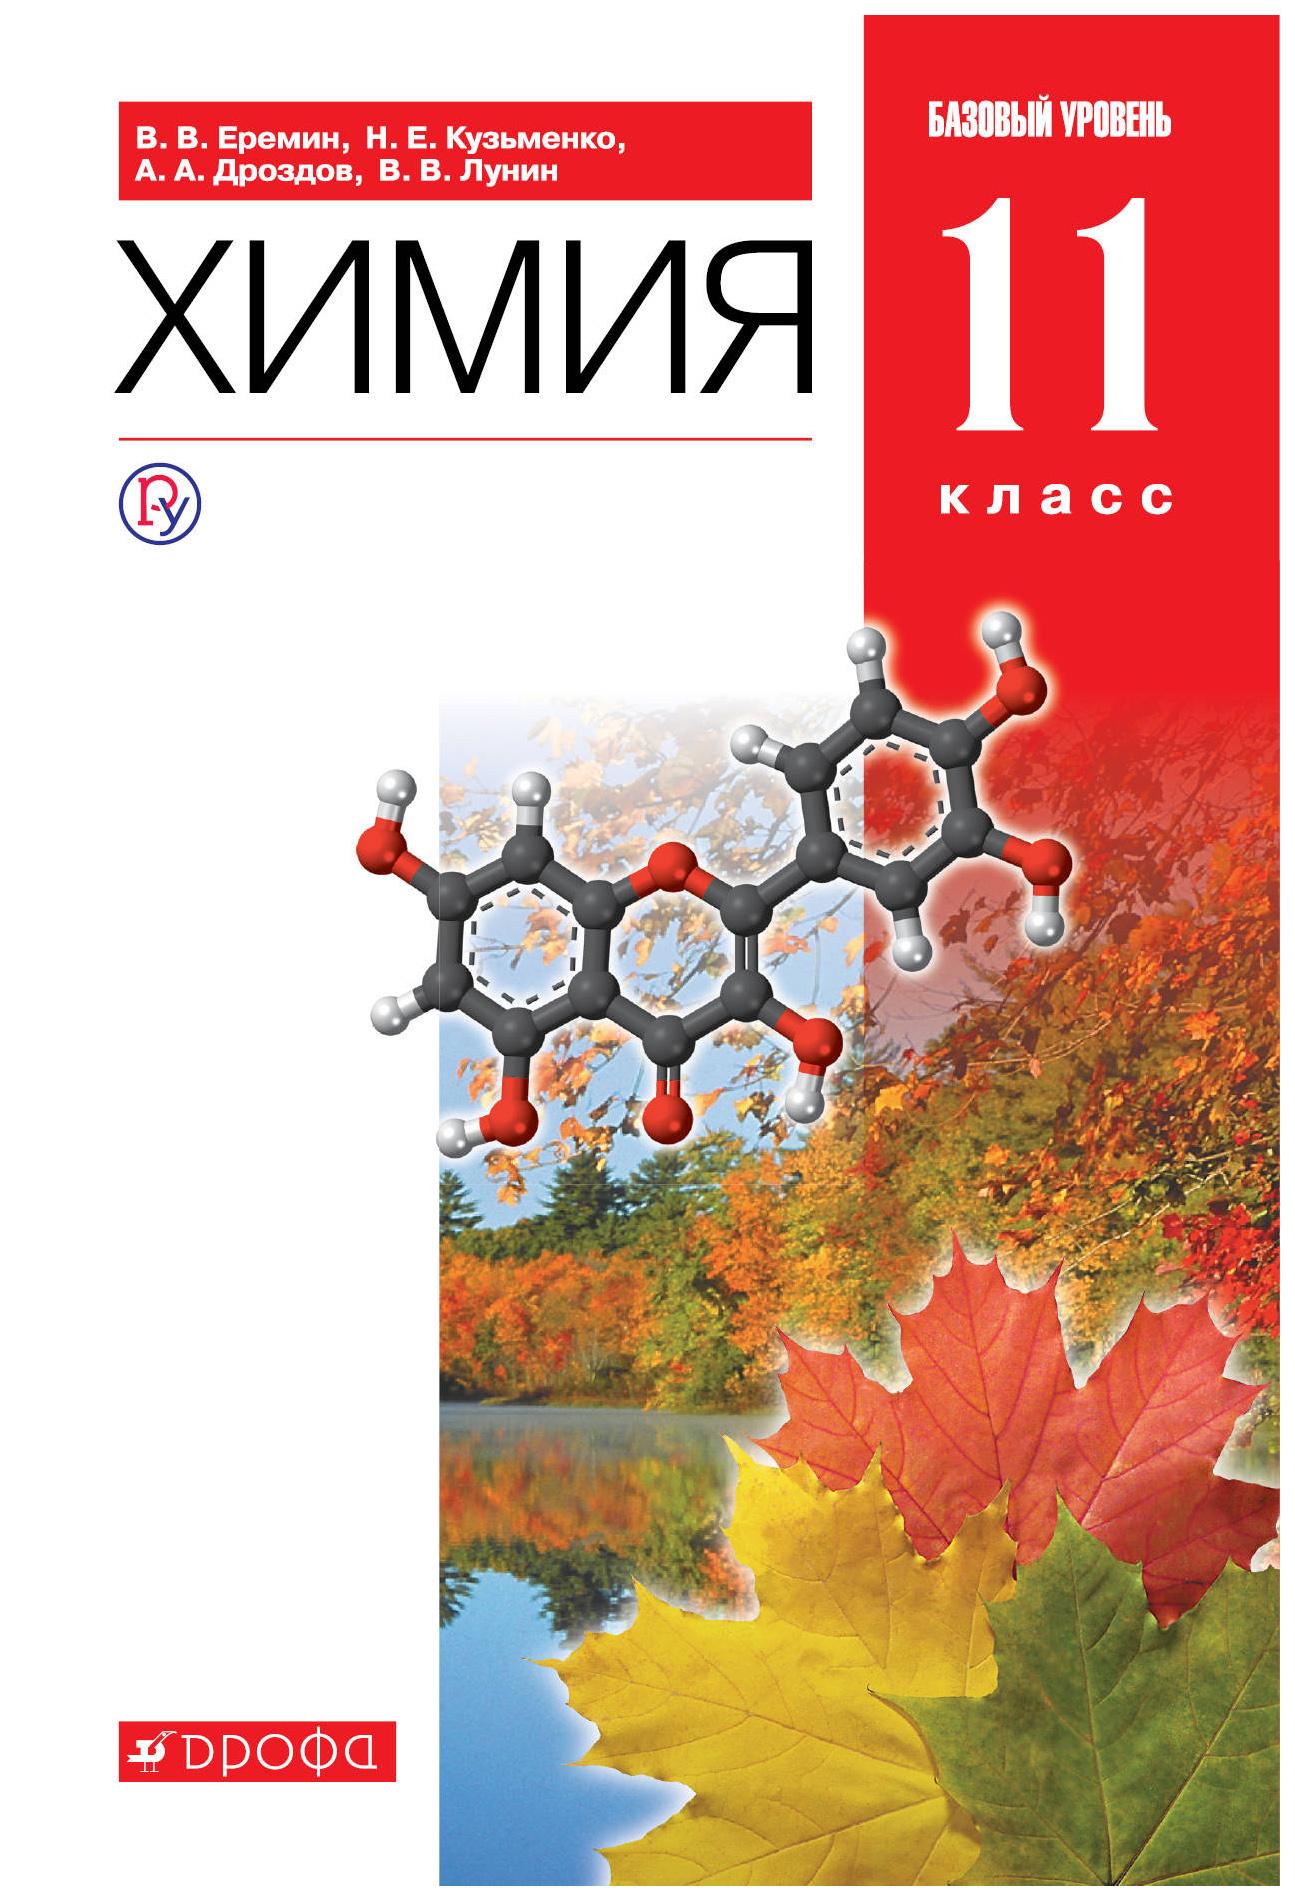 Еремин. Химия. 11 кл. Учебник. Базовый Уровень. Вертикаль. (Фгос).